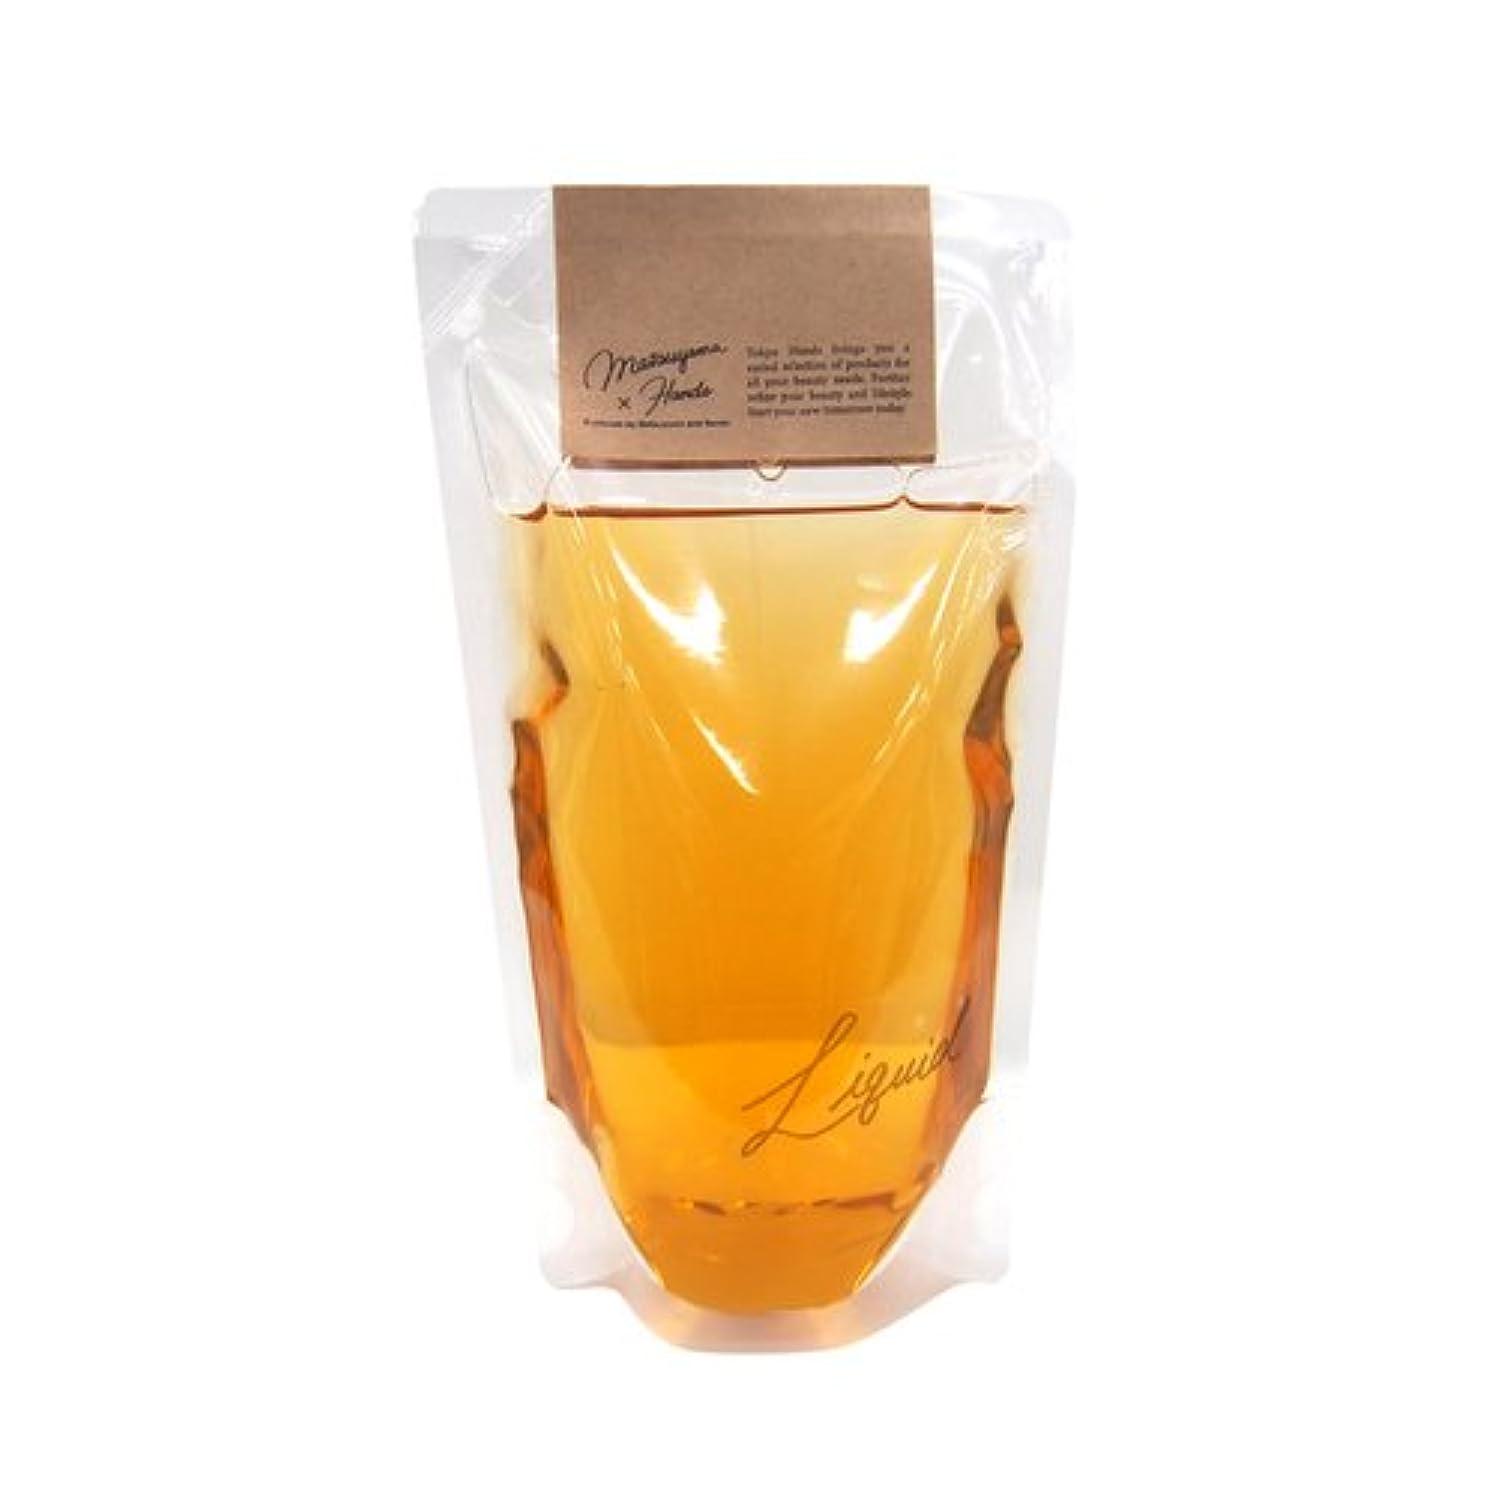 ギネススノーケル息子松山油脂×東急ハンズ 東急ハンズオリジナル モイスチャーリキッドソープ カモミール替 280mL